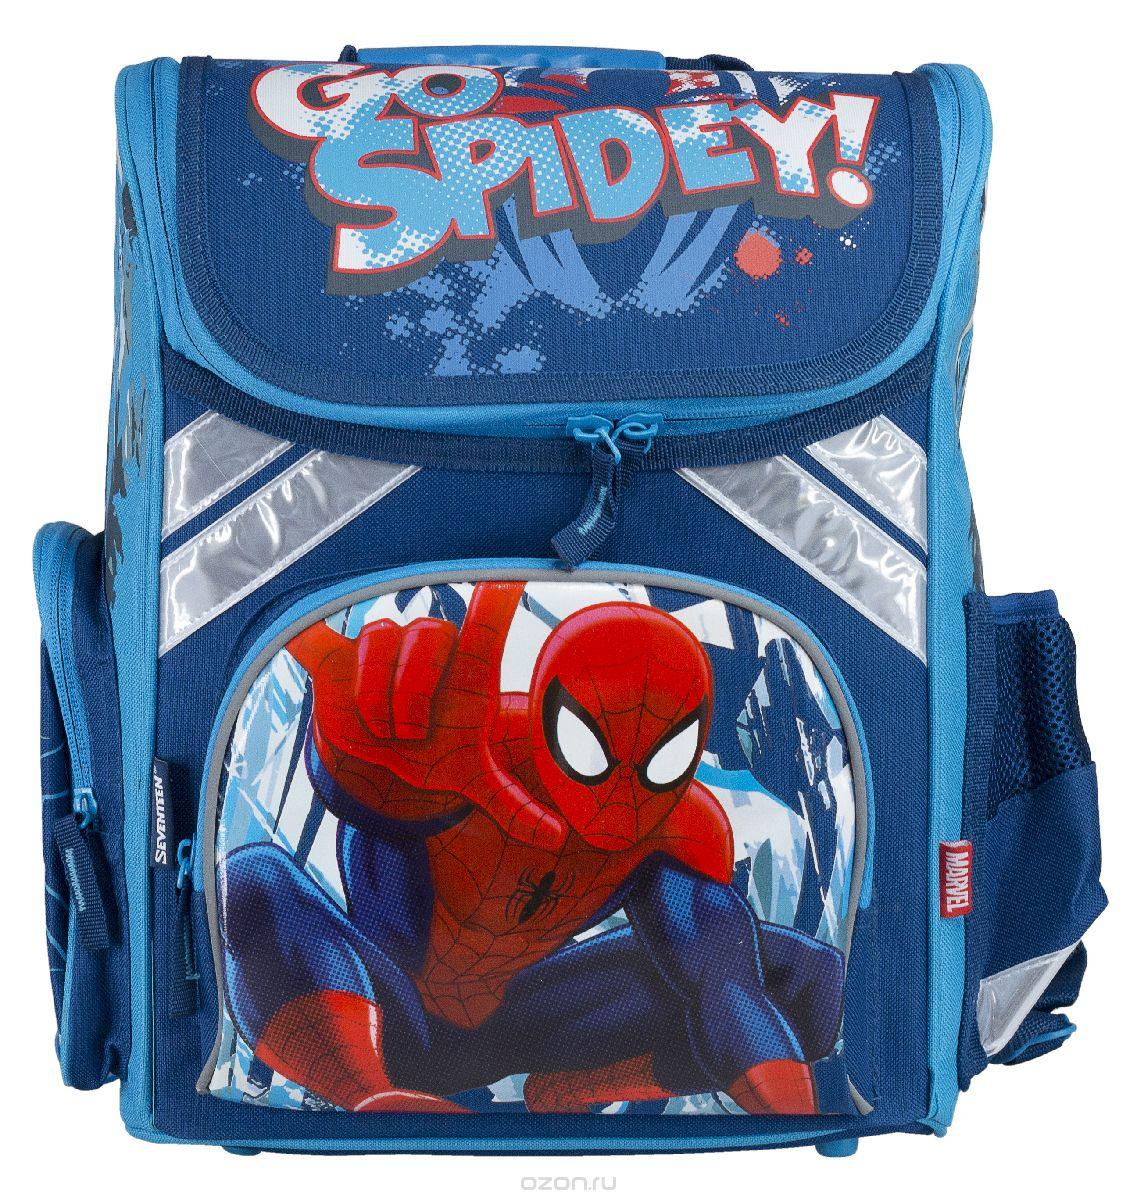 Ранец школьный Kinderline Spider-man Classic, цвет: синий, белый, красныйMD-538-2/1Ранец школьный Kinderline Spider-man Classic выполнен из современного легкого и прочного материала синего цвета с яркой аппликацией. Ранец имеет одно основное отделение, закрывающееся на молнию с двумя бегунками. Внутри главного отделения расположен врезной карман на змейке и два разделителя с утягивающей резинкой, предназначенные для размещения предметов без сложения, размером до формата А4 включительно. На лицевой стороне ранца расположен накладной карман на молнии. По бокам ранца размещены два дополнительных накладных кармана, один на молнии, и один открытый. Ортопедическая спинка, созданная по специальной технологии из дышащего материала, равномерно распределяет нагрузку на плечевые суставы и спину. Удлиненные держатели облегчают фиксацию длины ремней с мягкими подкладками. Ранец оснащен удобной ручкой для переноски и двумя широкими лямками, регулируемой длины. Дно ранца дополнено пластиковыми ножками. Многофункциональный школьный ранец станет незаменимым спутником вашего ребенка в походах за знаниями.